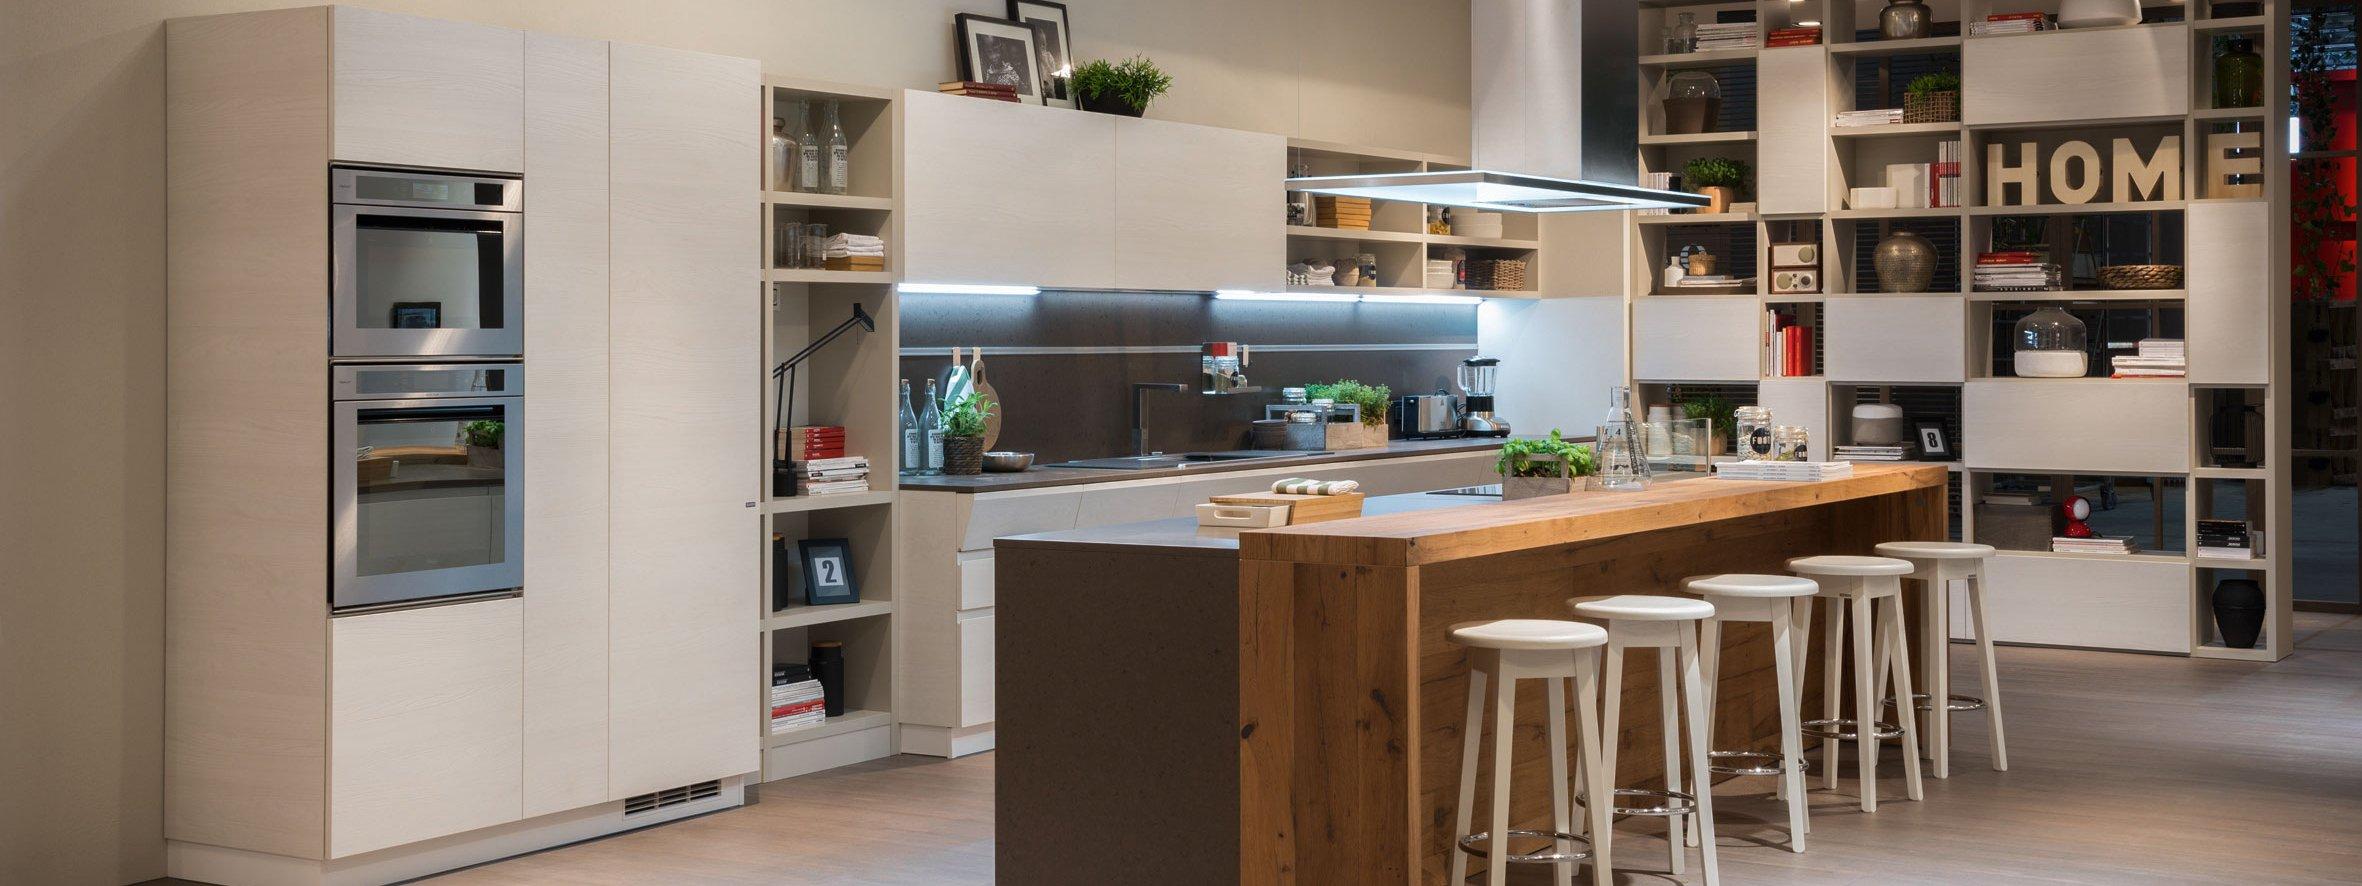 100+ [ arredare soggiorno piccolo ] | tavolino esagonale da ... - Cucina E Soggiorno Unico Ambiente Piccolo